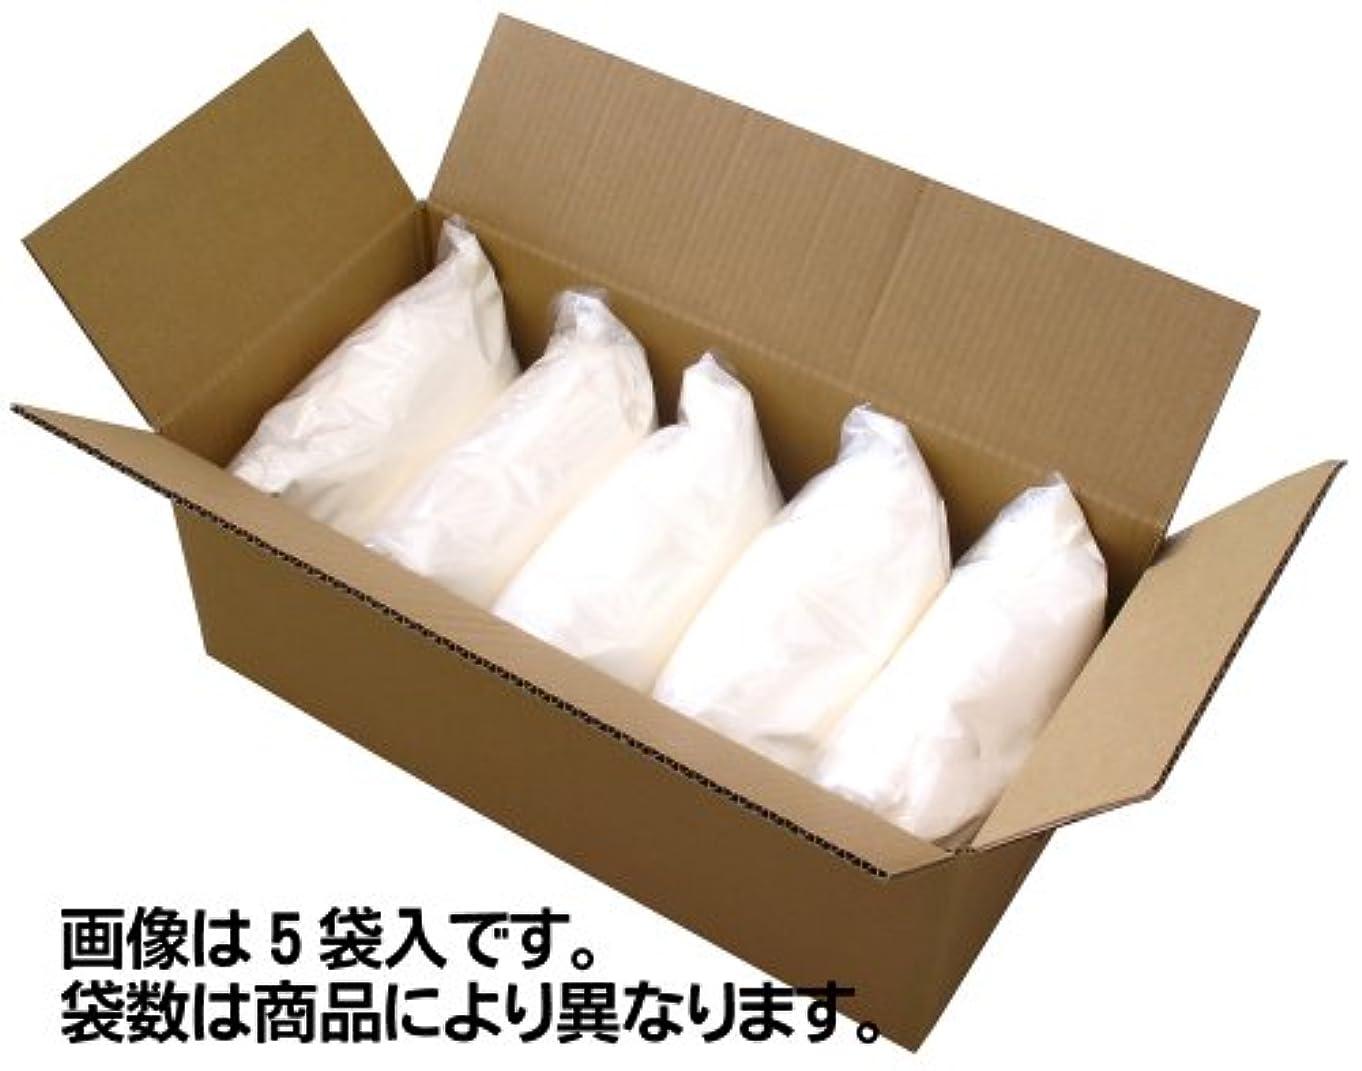 スマッシュアサークライストチャーチ業務用 難消化性デキストリン4kg×1袋 水溶性食物繊維約85%